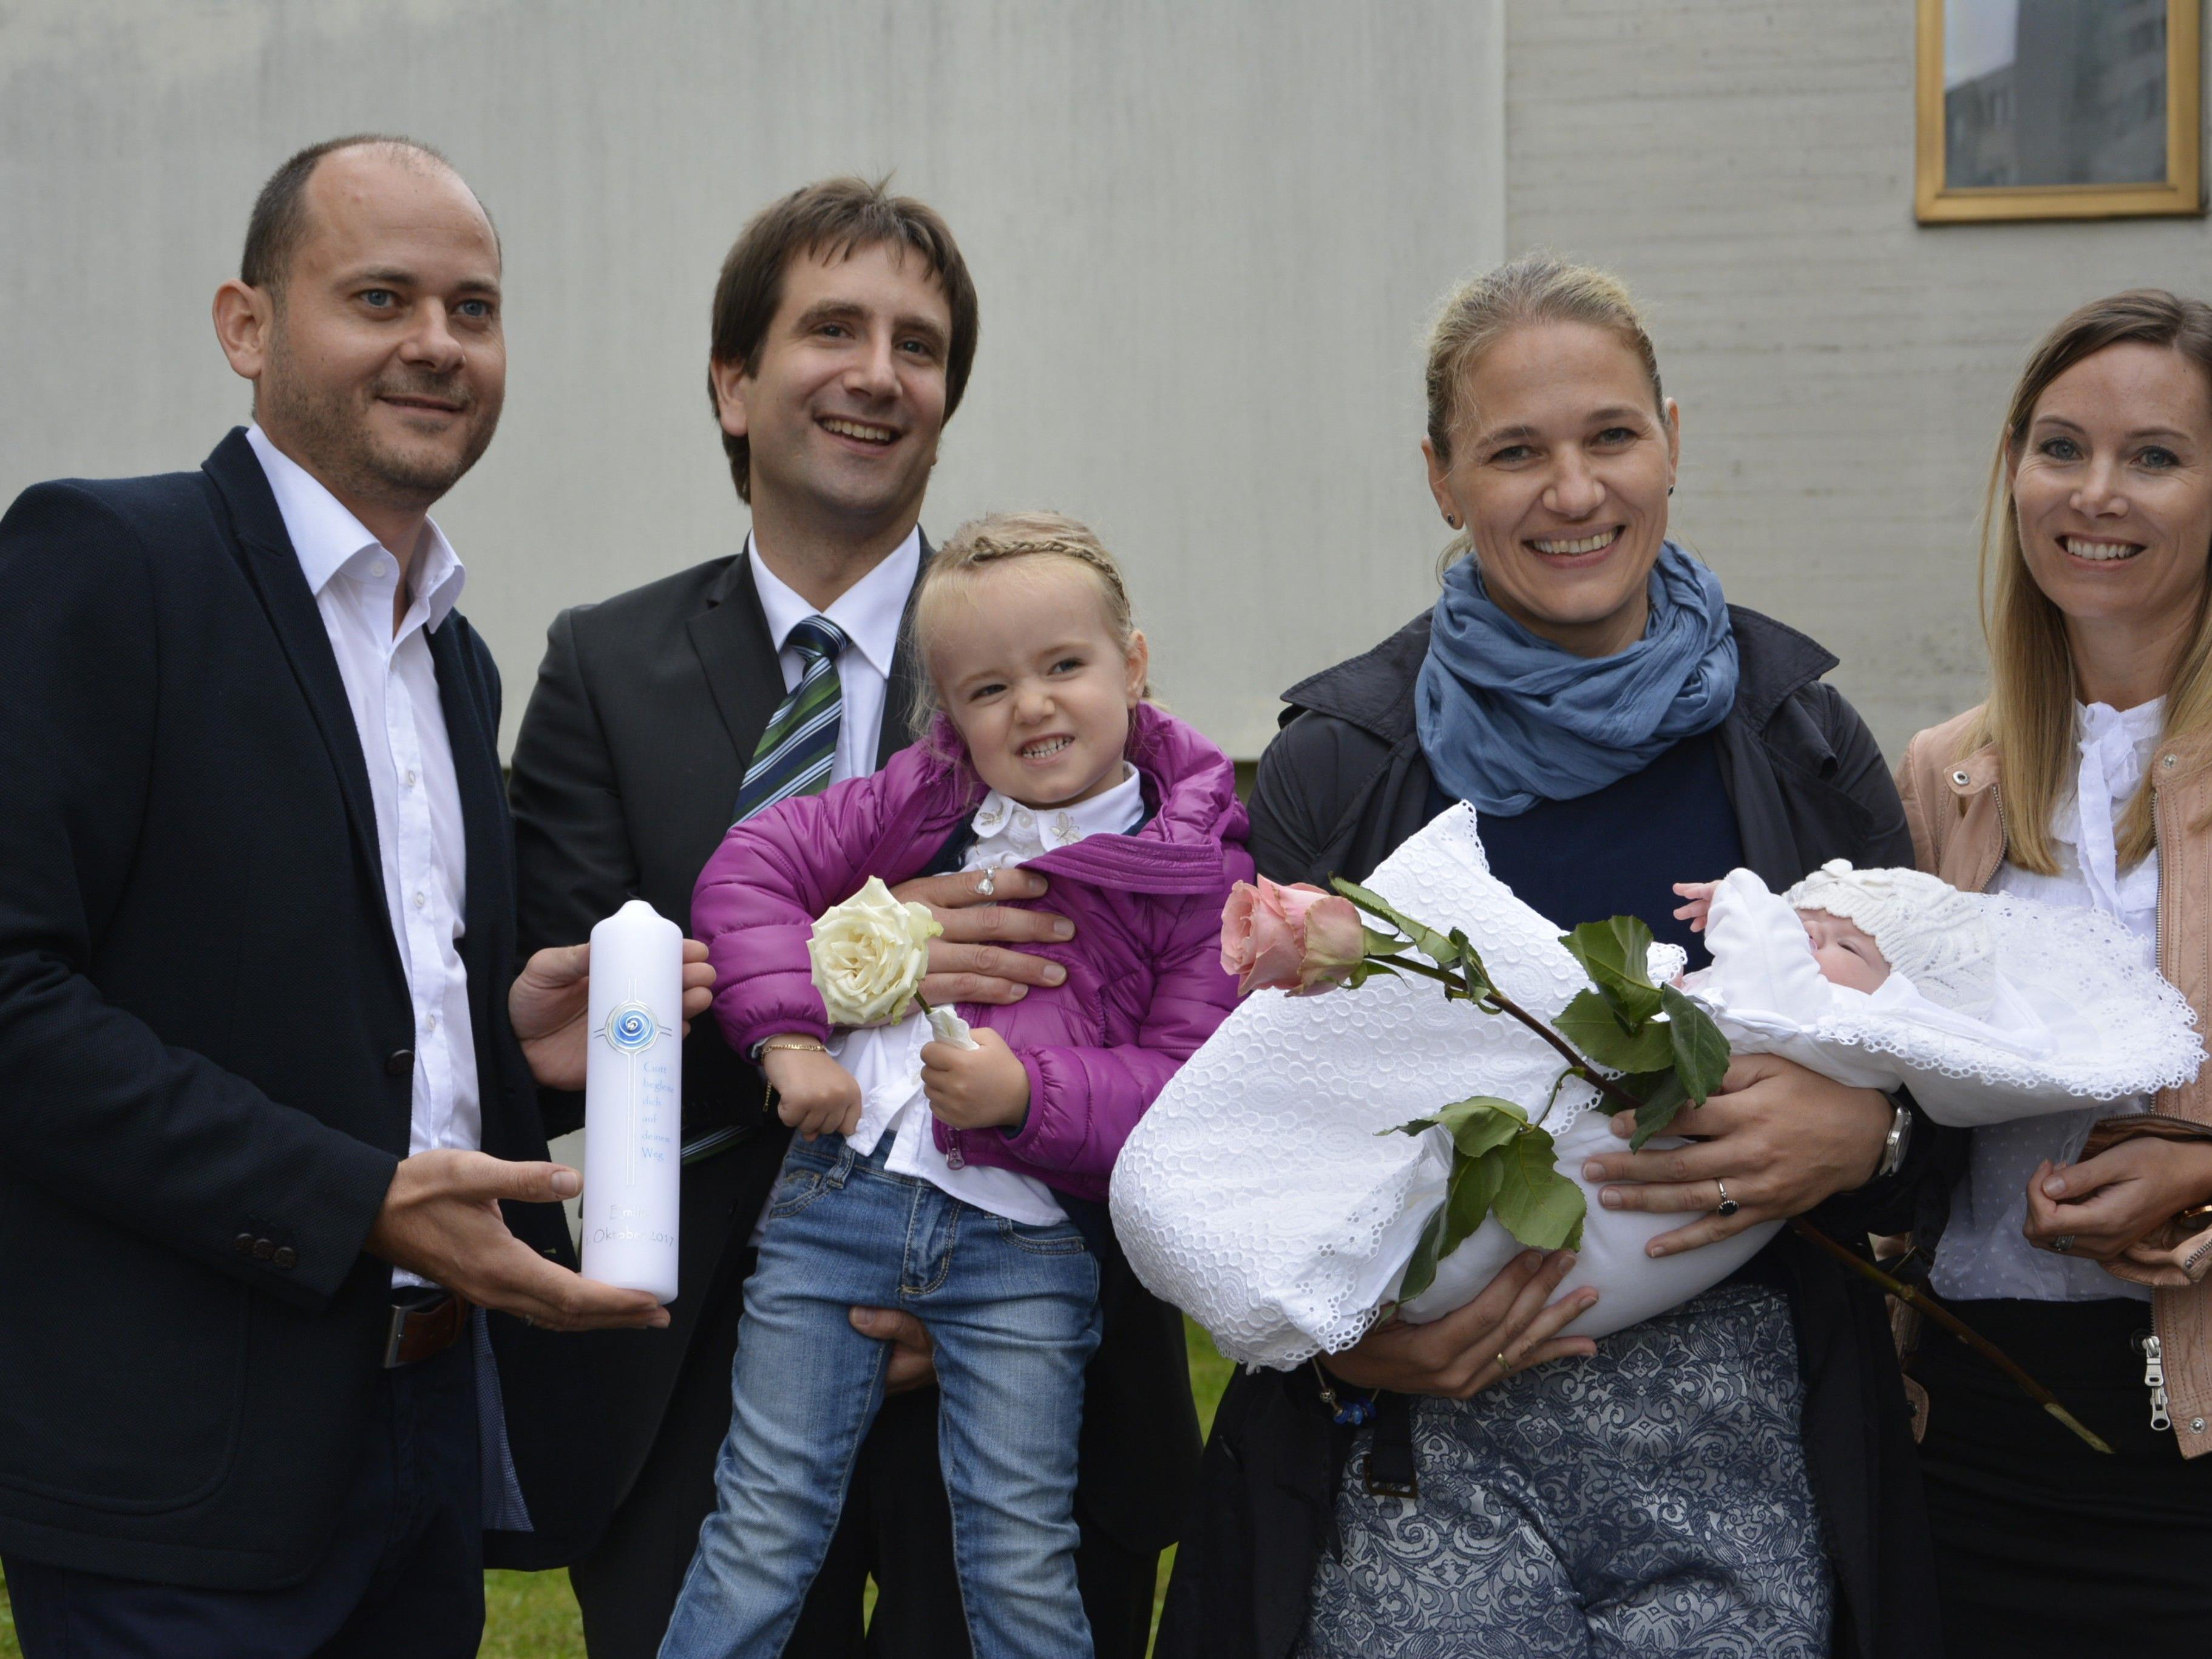 Taufe von Emilie Ilg am 1. Oktober in der Taufkapelle Hatlerdorf.